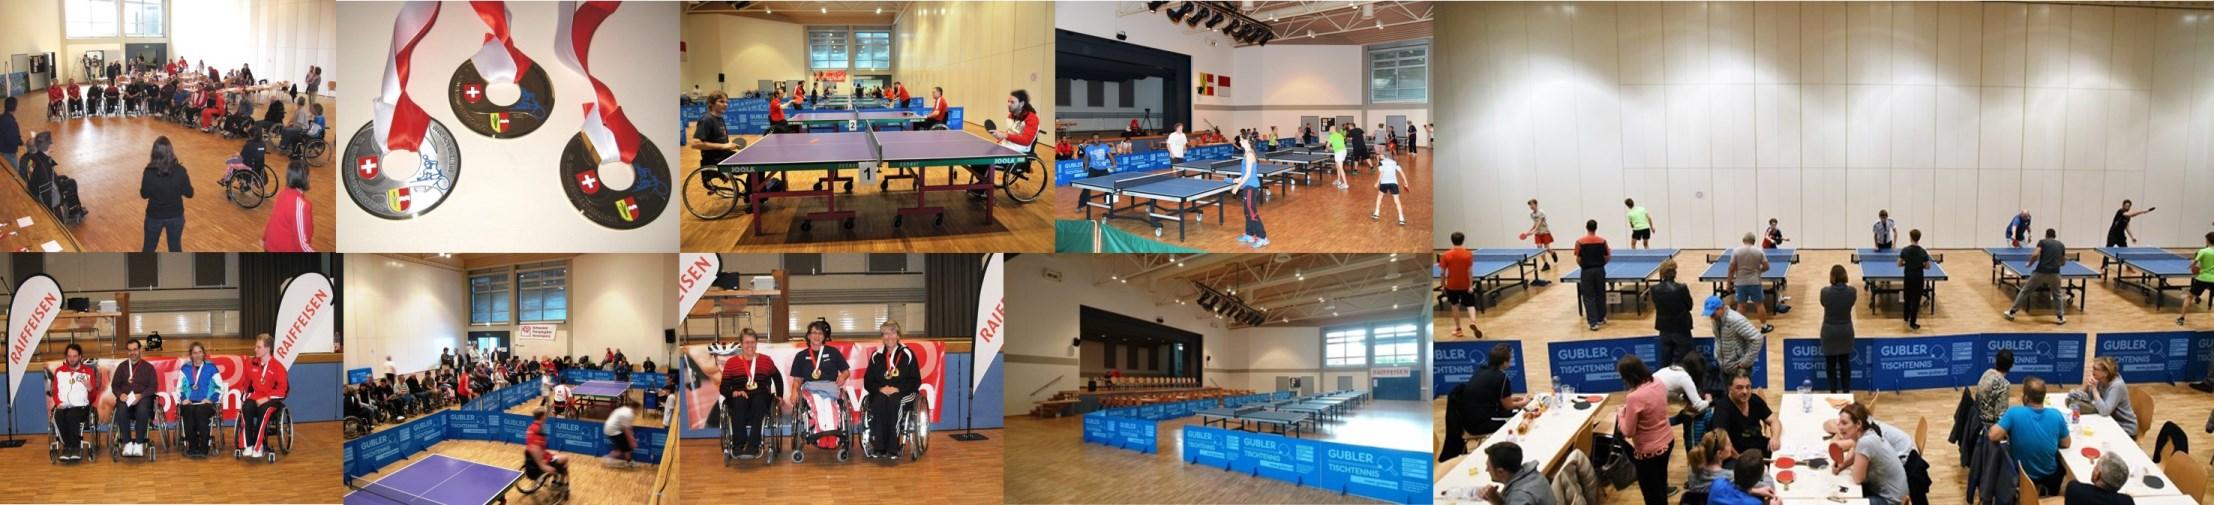 Informationen rund um den Tischtennisclub Breitenbach